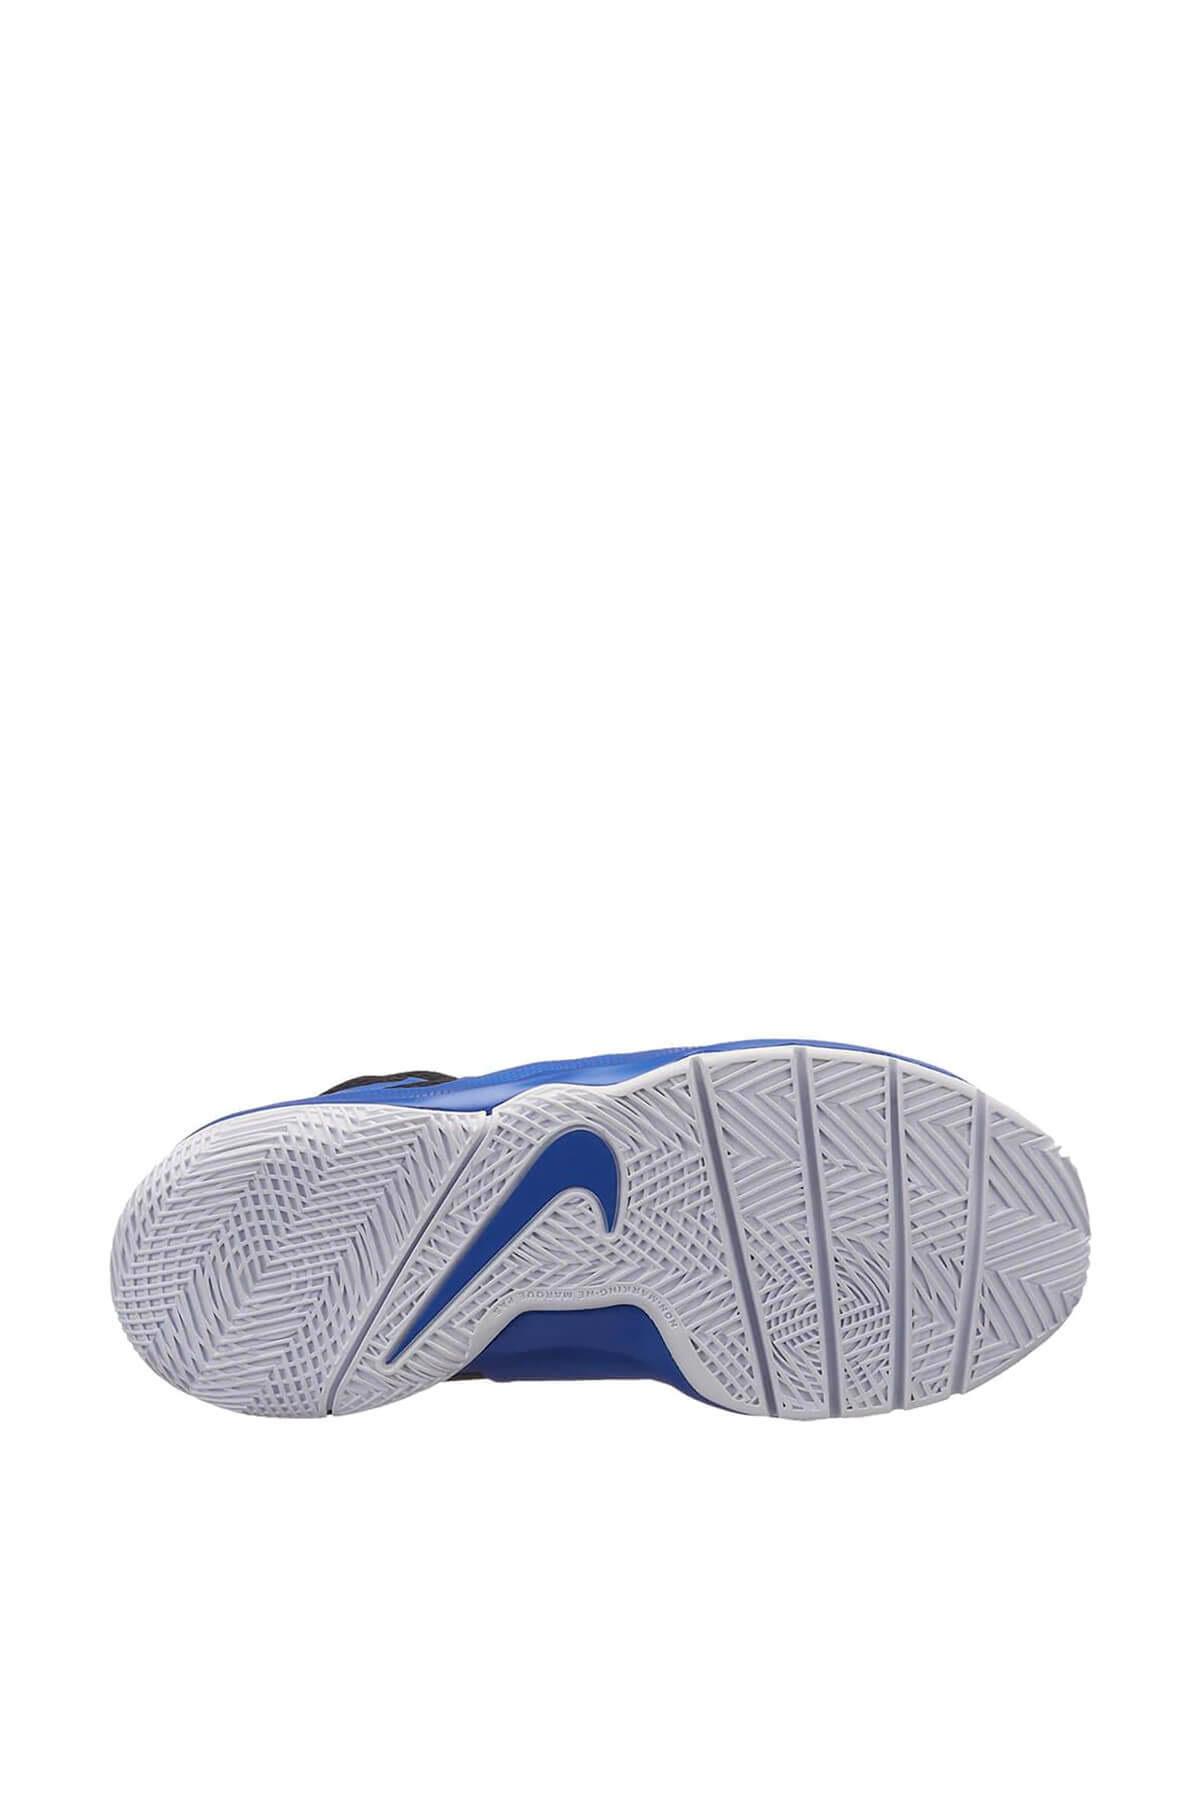 Ayakkabısı 405 Mavi 5 Basketbol Nike 881941 38 Hustle Team 58qgXxwg